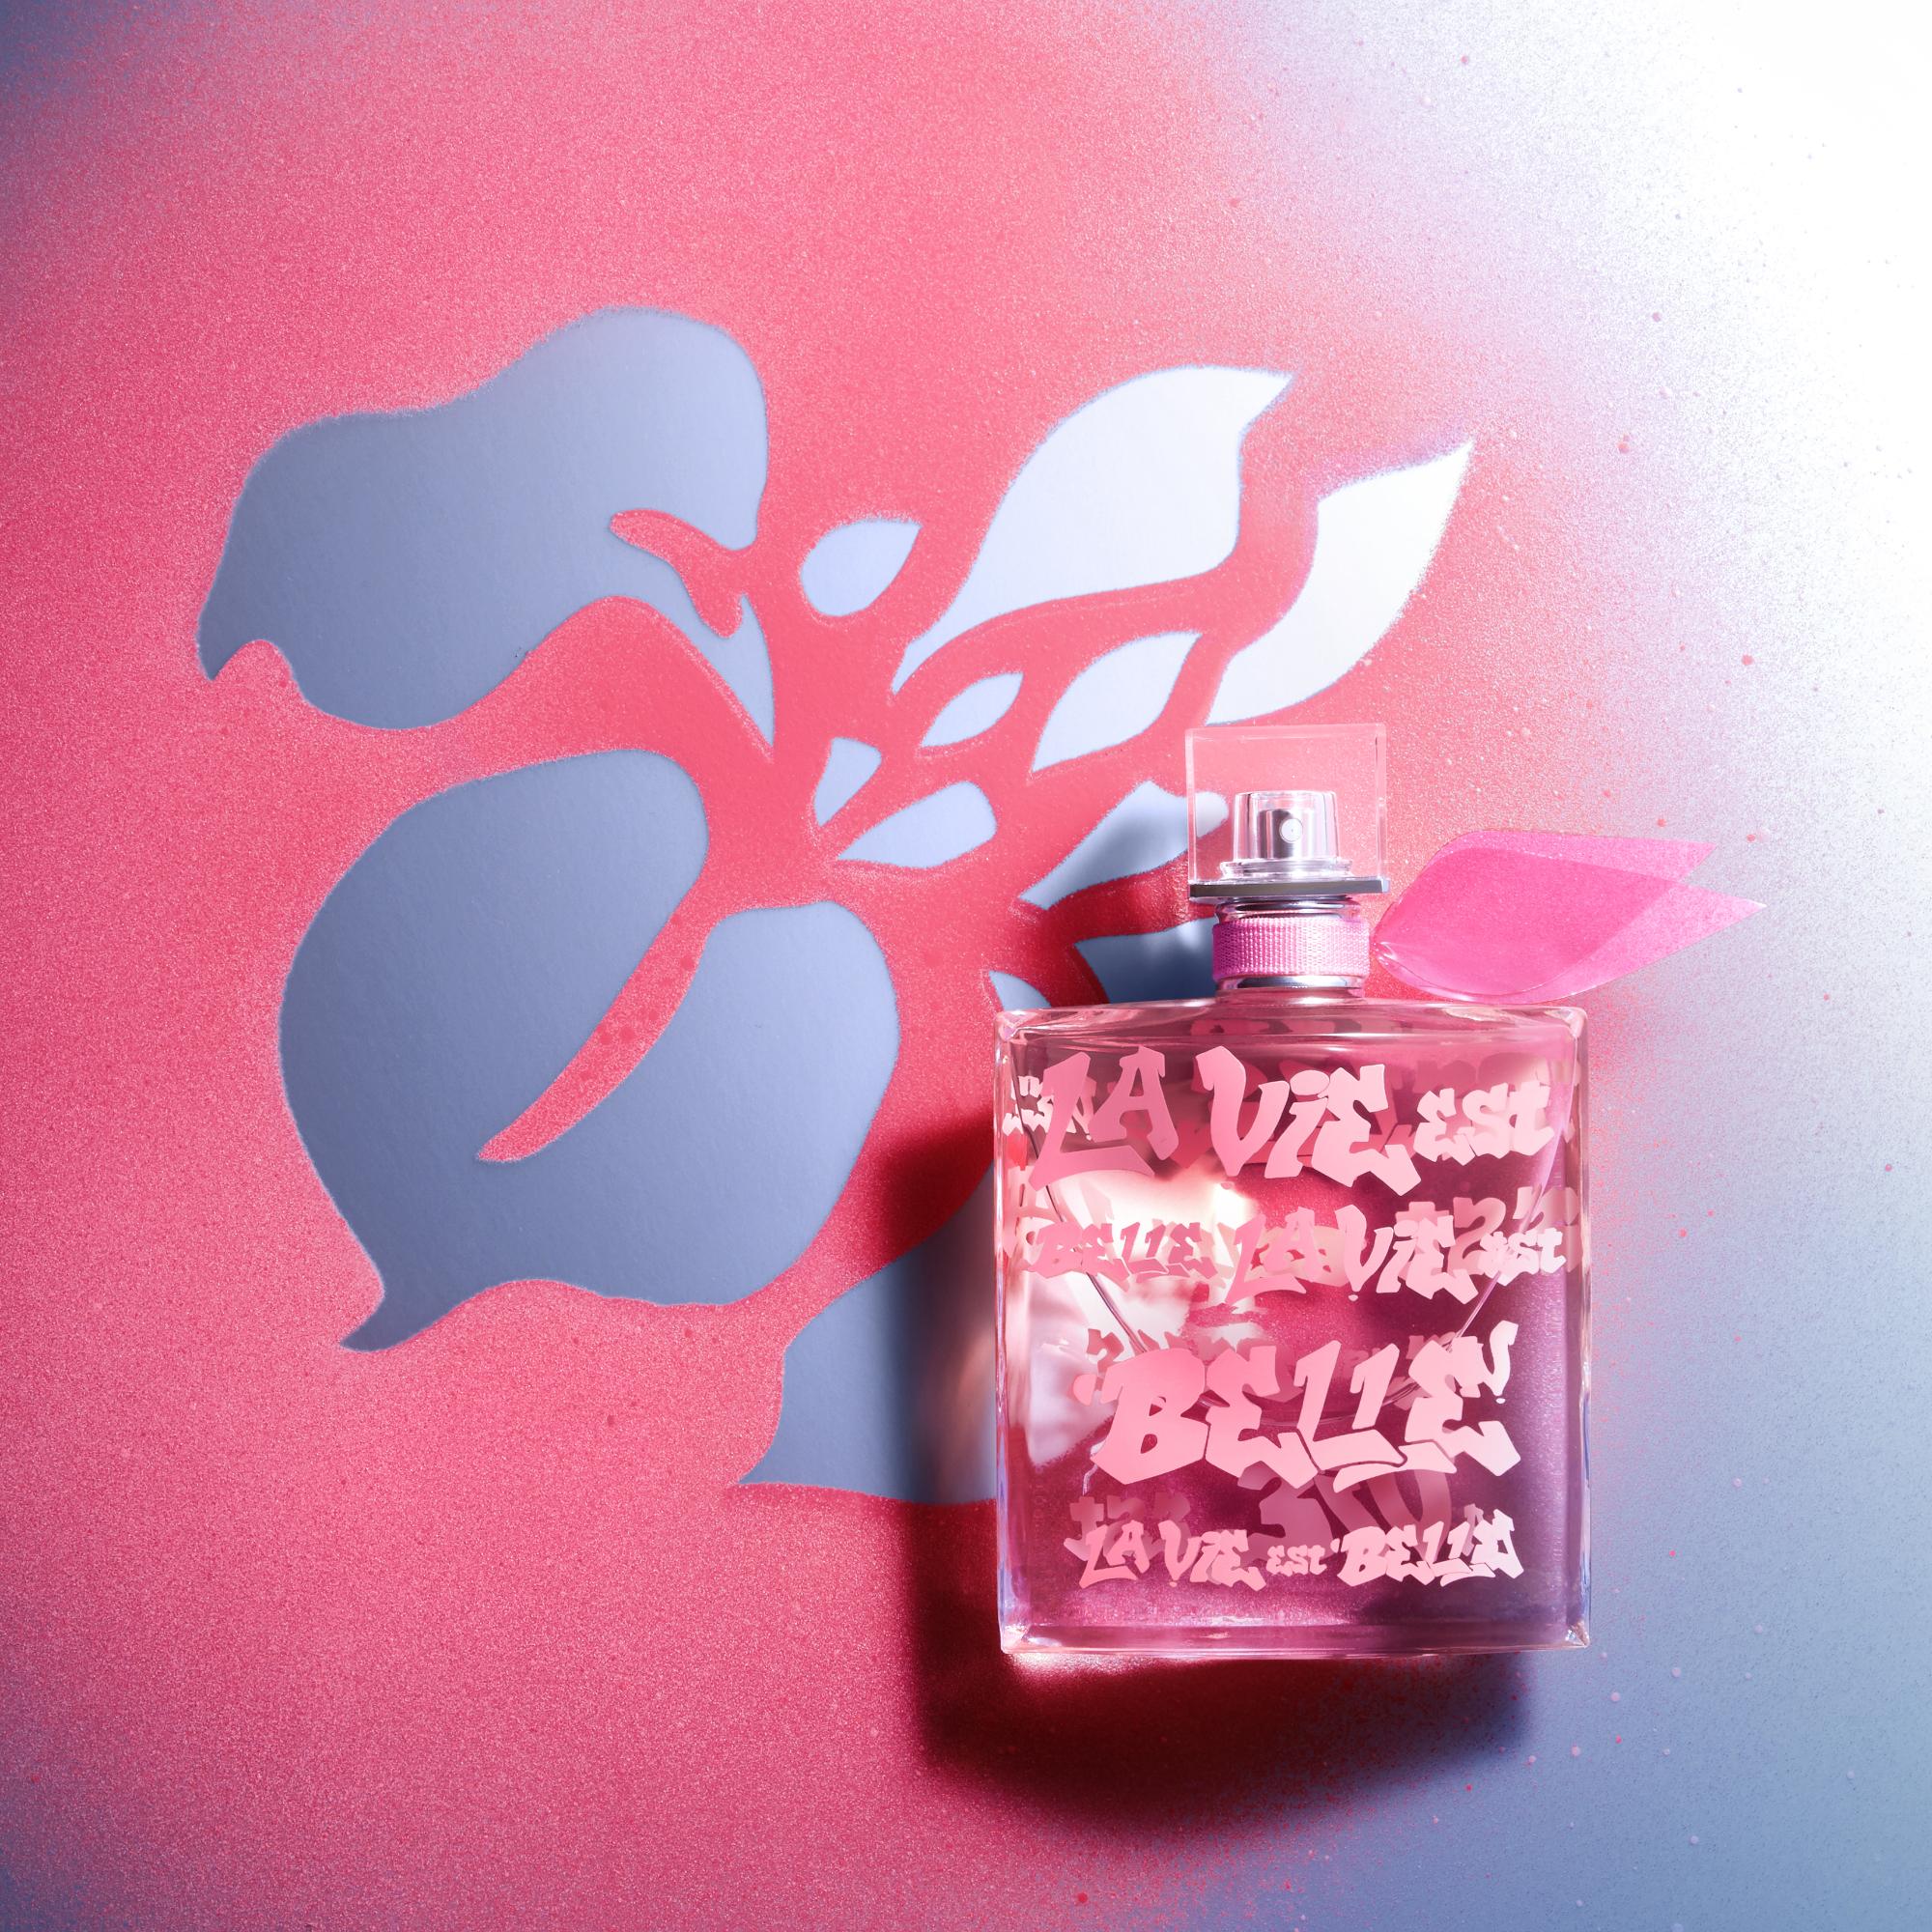 La Vie Est Belle Artist Edition EdP 50ml